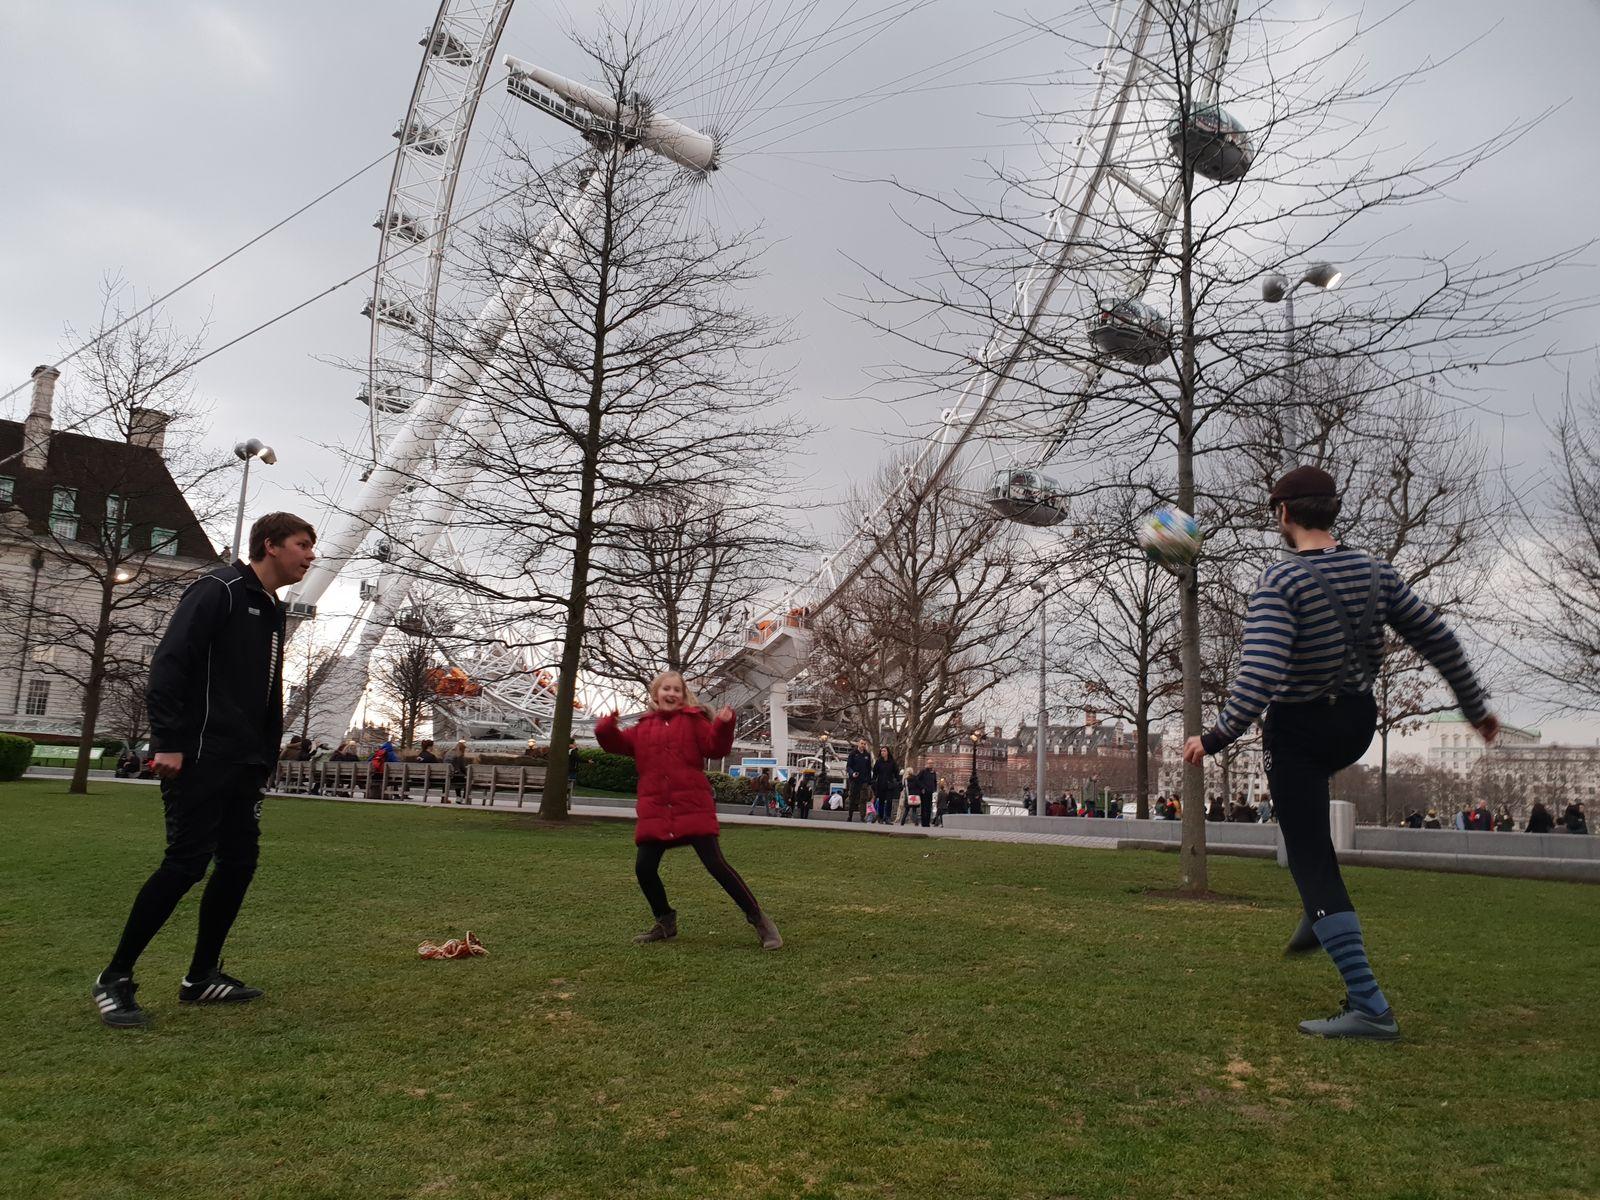 Erstes spontanes Fußballspiel am Nachmittag am London Eye